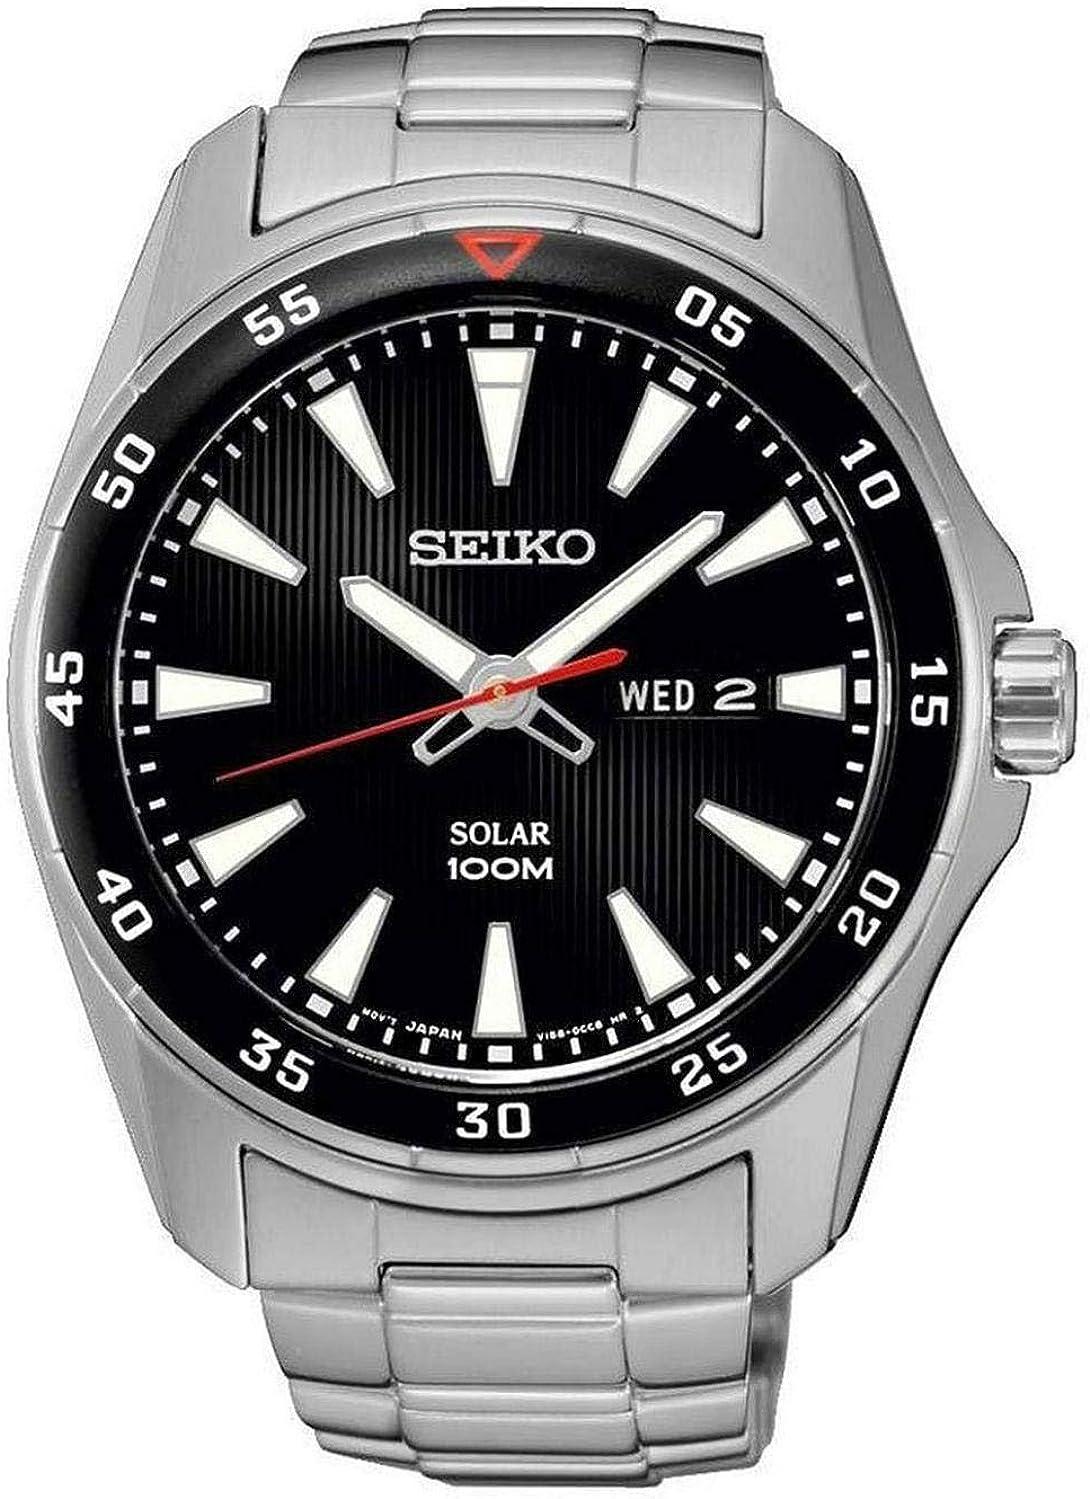 Reloj Seiko Solar Sne393p1 Hombre Negro